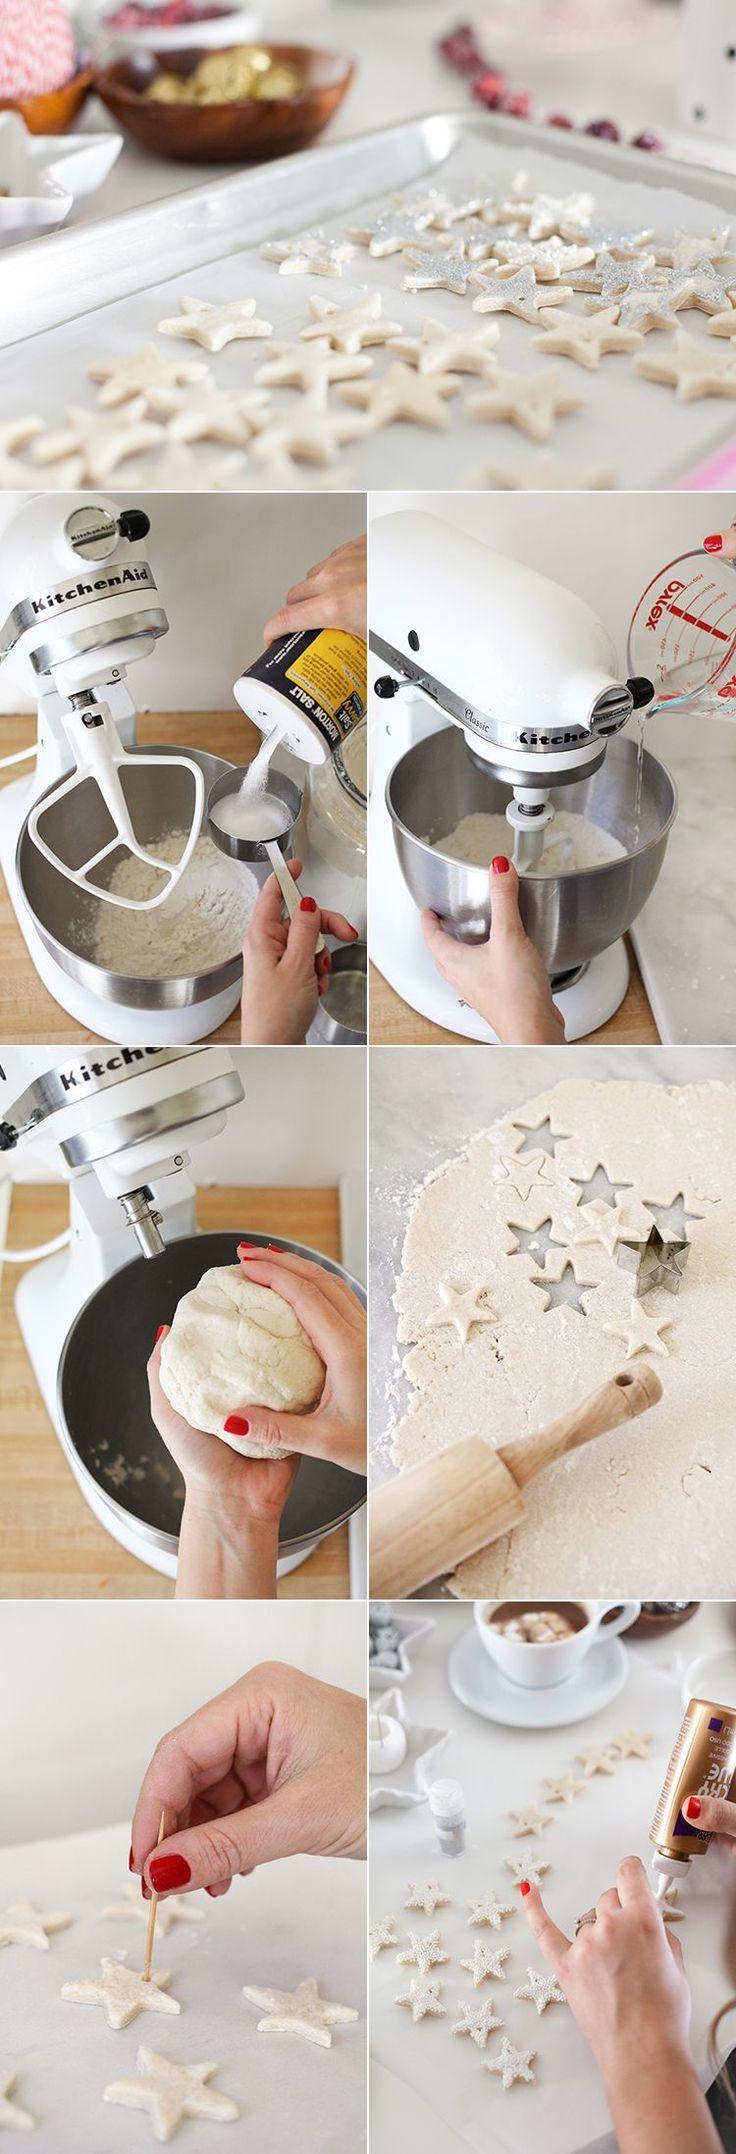 Декупаж как сделать соленое тесто